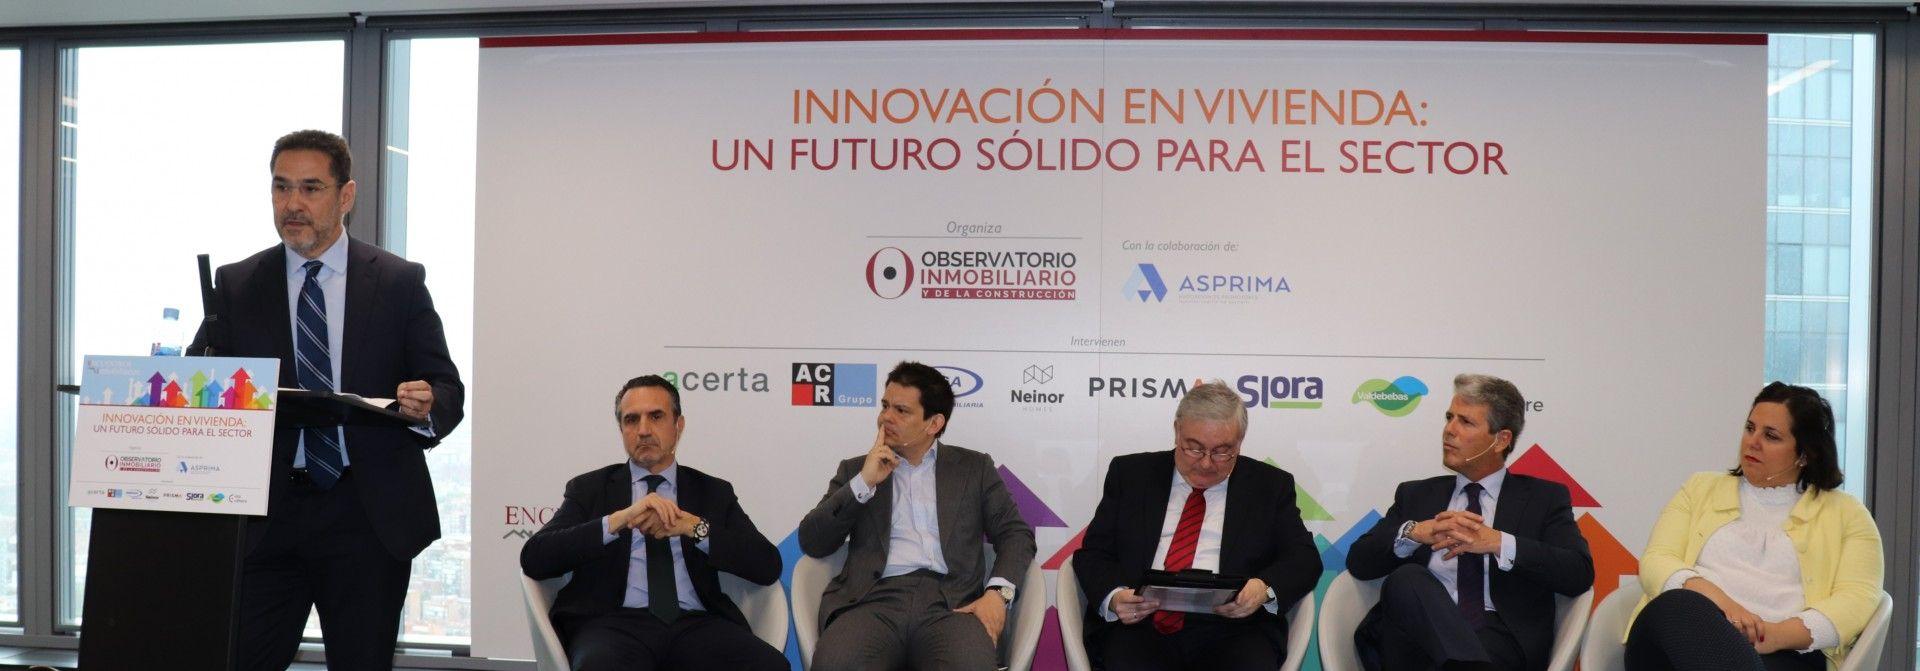 Valdebebas participa en las jornadas<br/>'Innovación en vivienda'